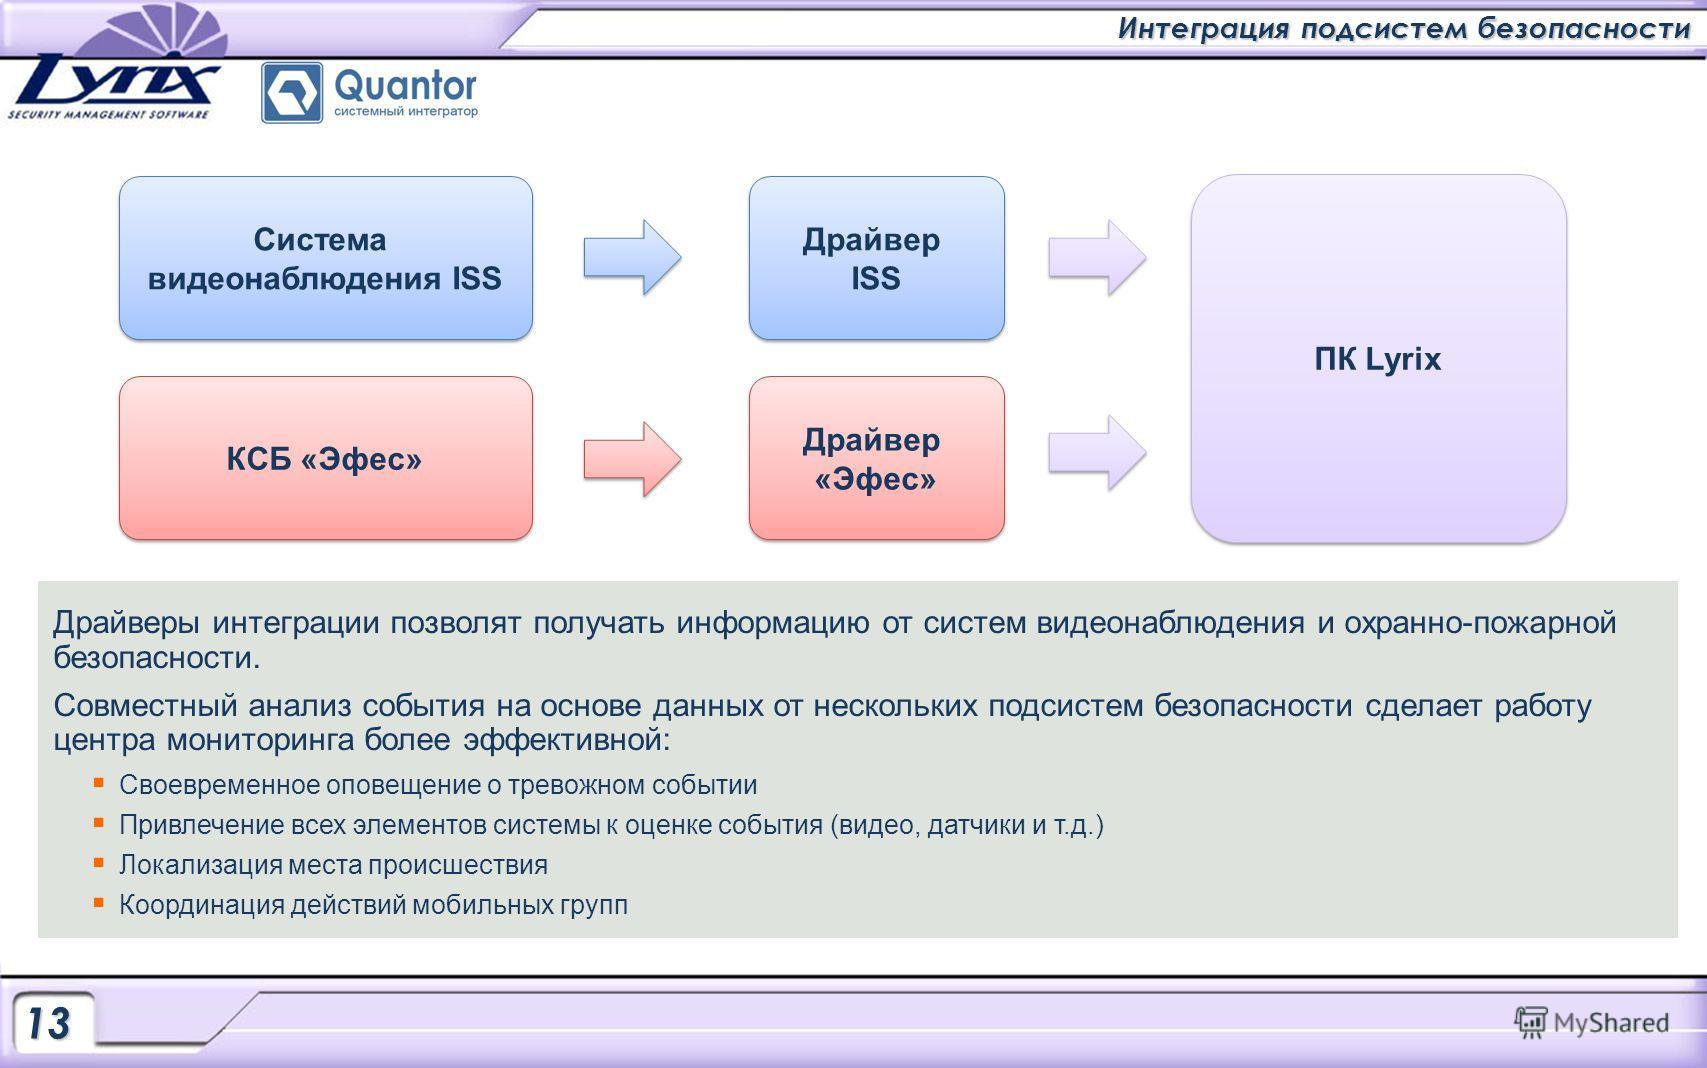 Интеграция подсистем безопасности 13131313 Система видеонаблюдения ISS Система видеонаблюдения ISS КСБ «Эфес» Драйвер ISS Драйвер ISS Драйвер «Эфес» Драйвер «Эфес» ПК Lyrix Драйверы интеграции позволят получать информацию от систем видеонаблюдения и